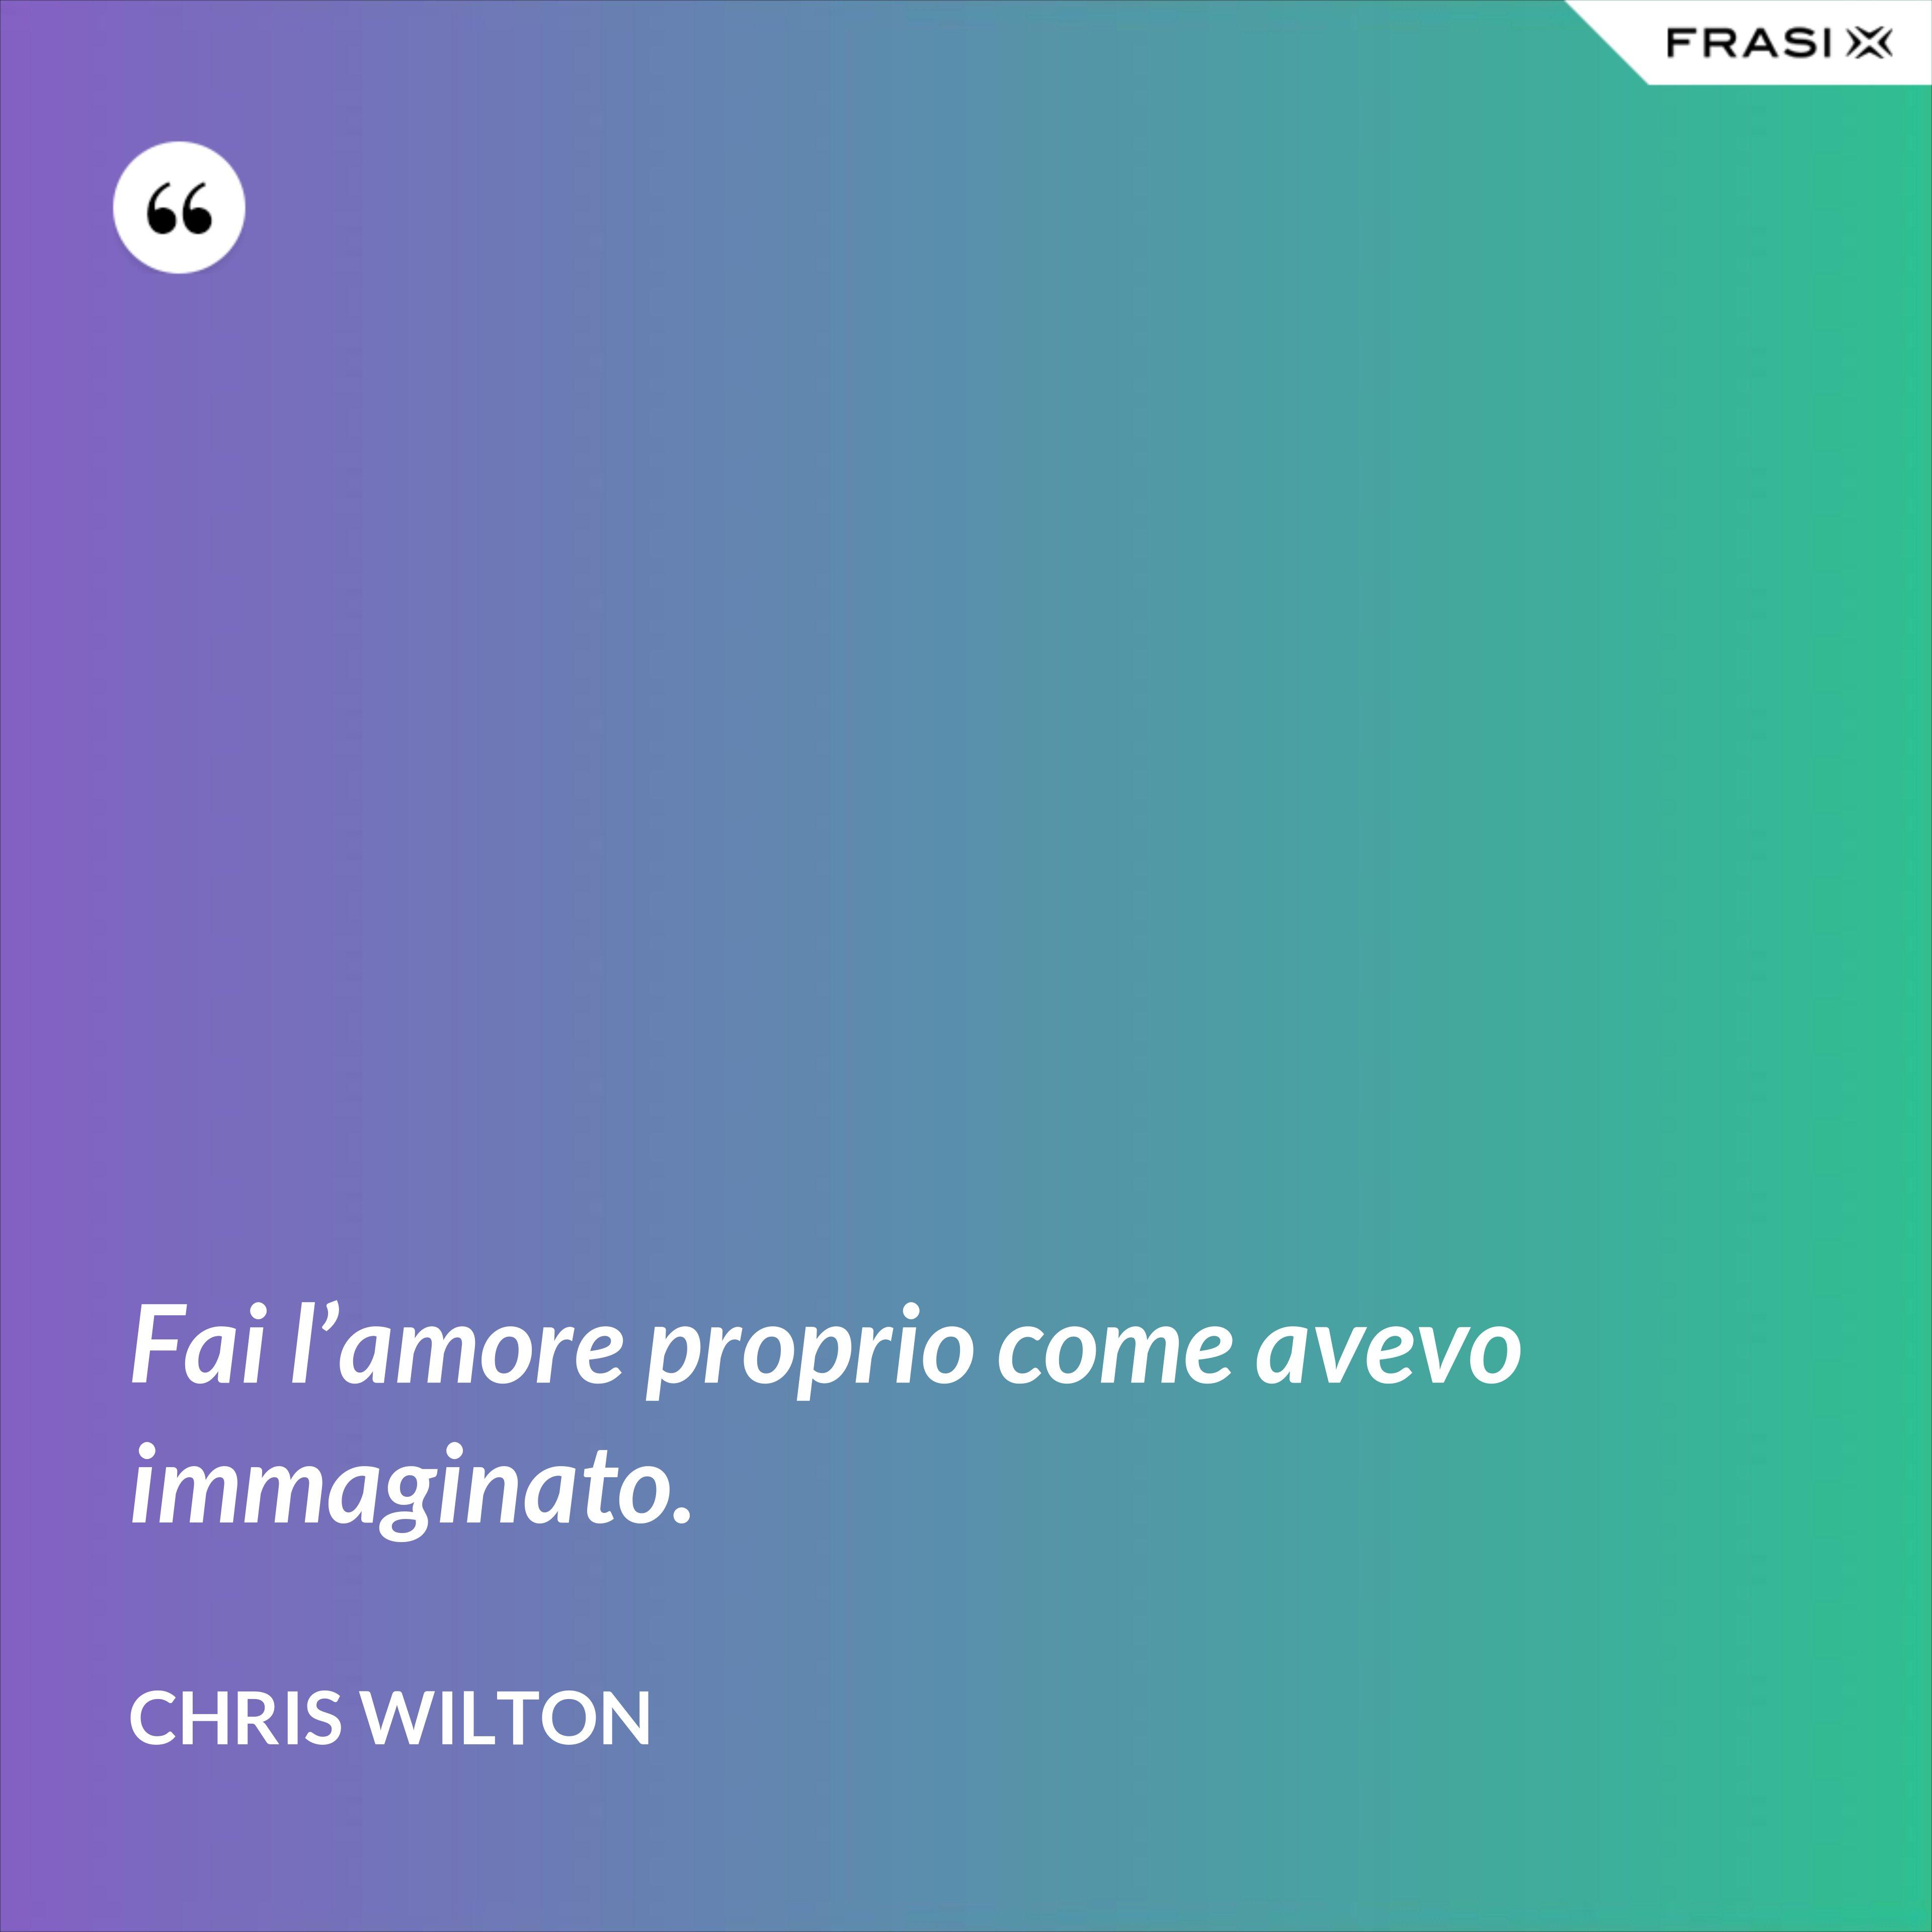 Fai l'amore proprio come avevo immaginato. - Chris Wilton